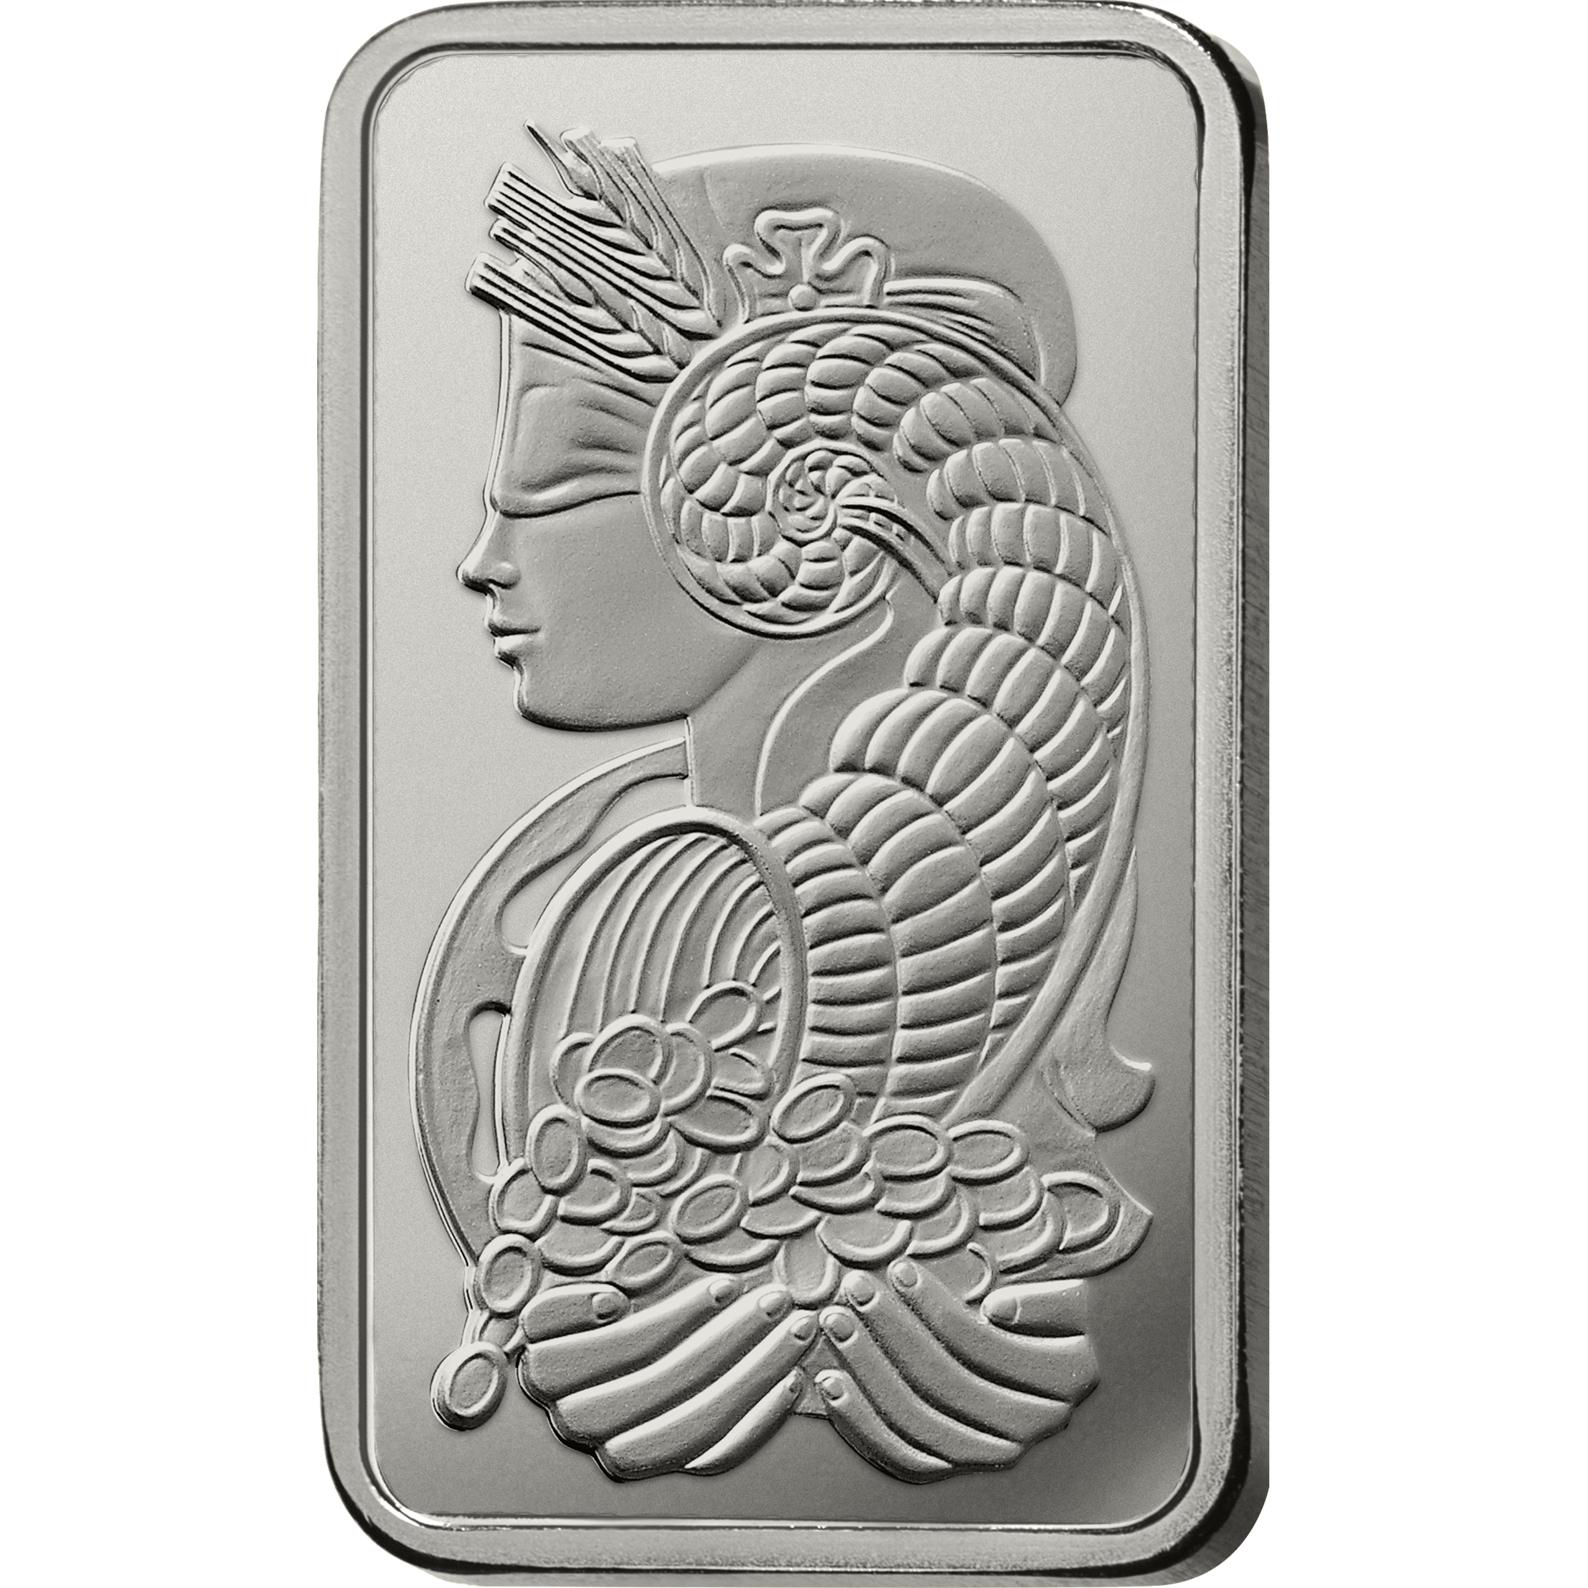 50 grammes lingot de platine - PAMP Suisse Lady Fortuna